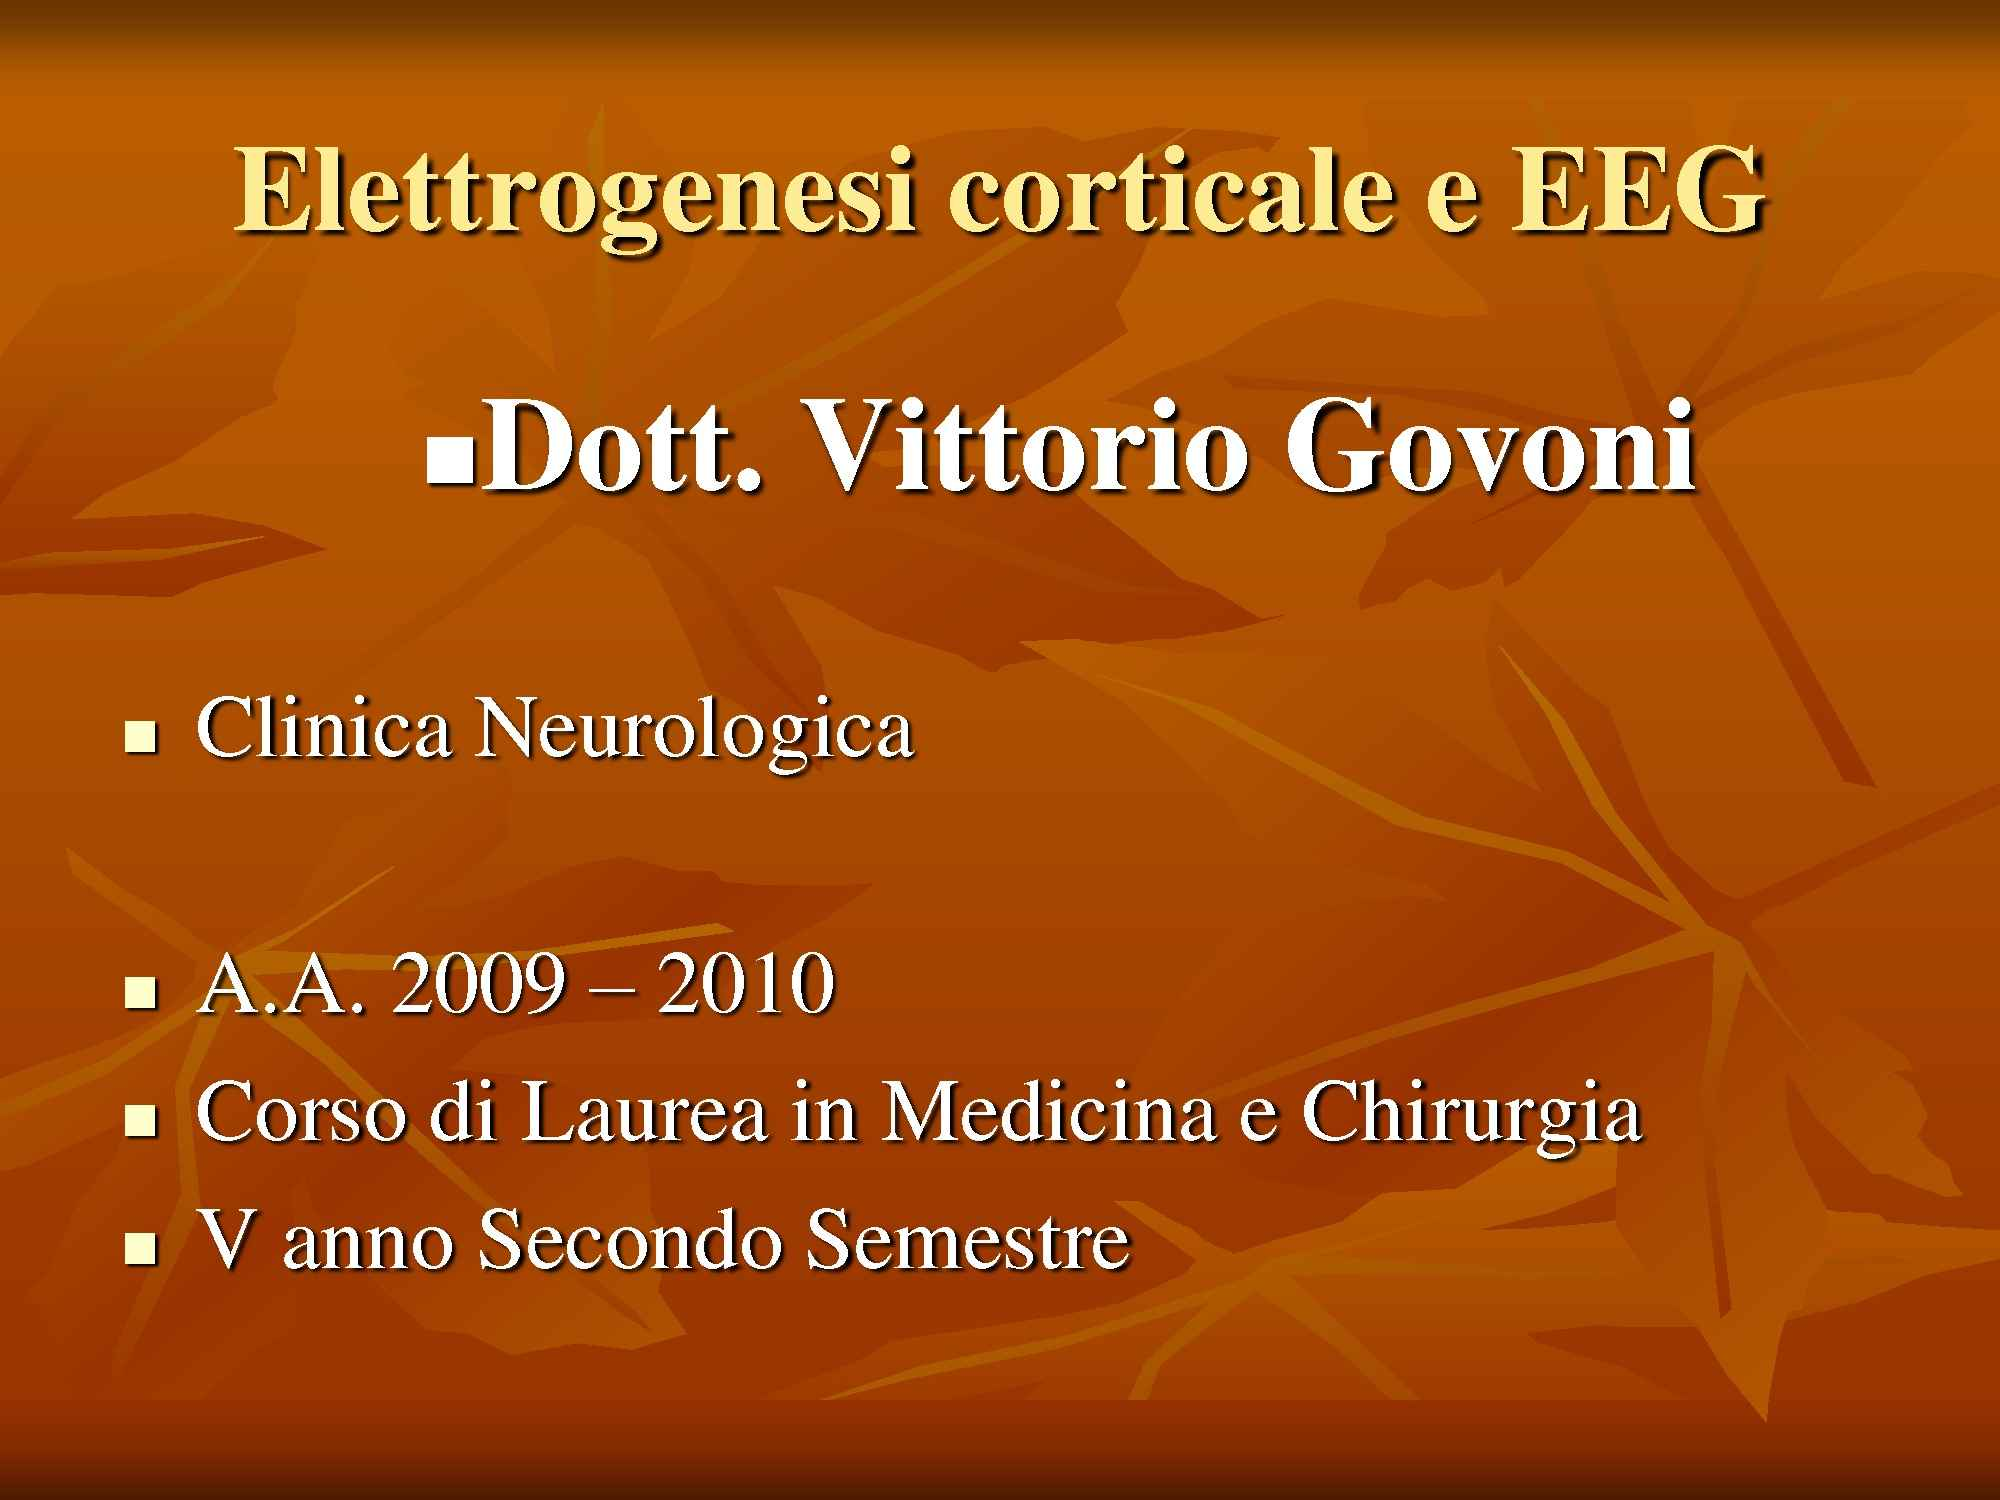 Elettrogenesi corticale e EEG